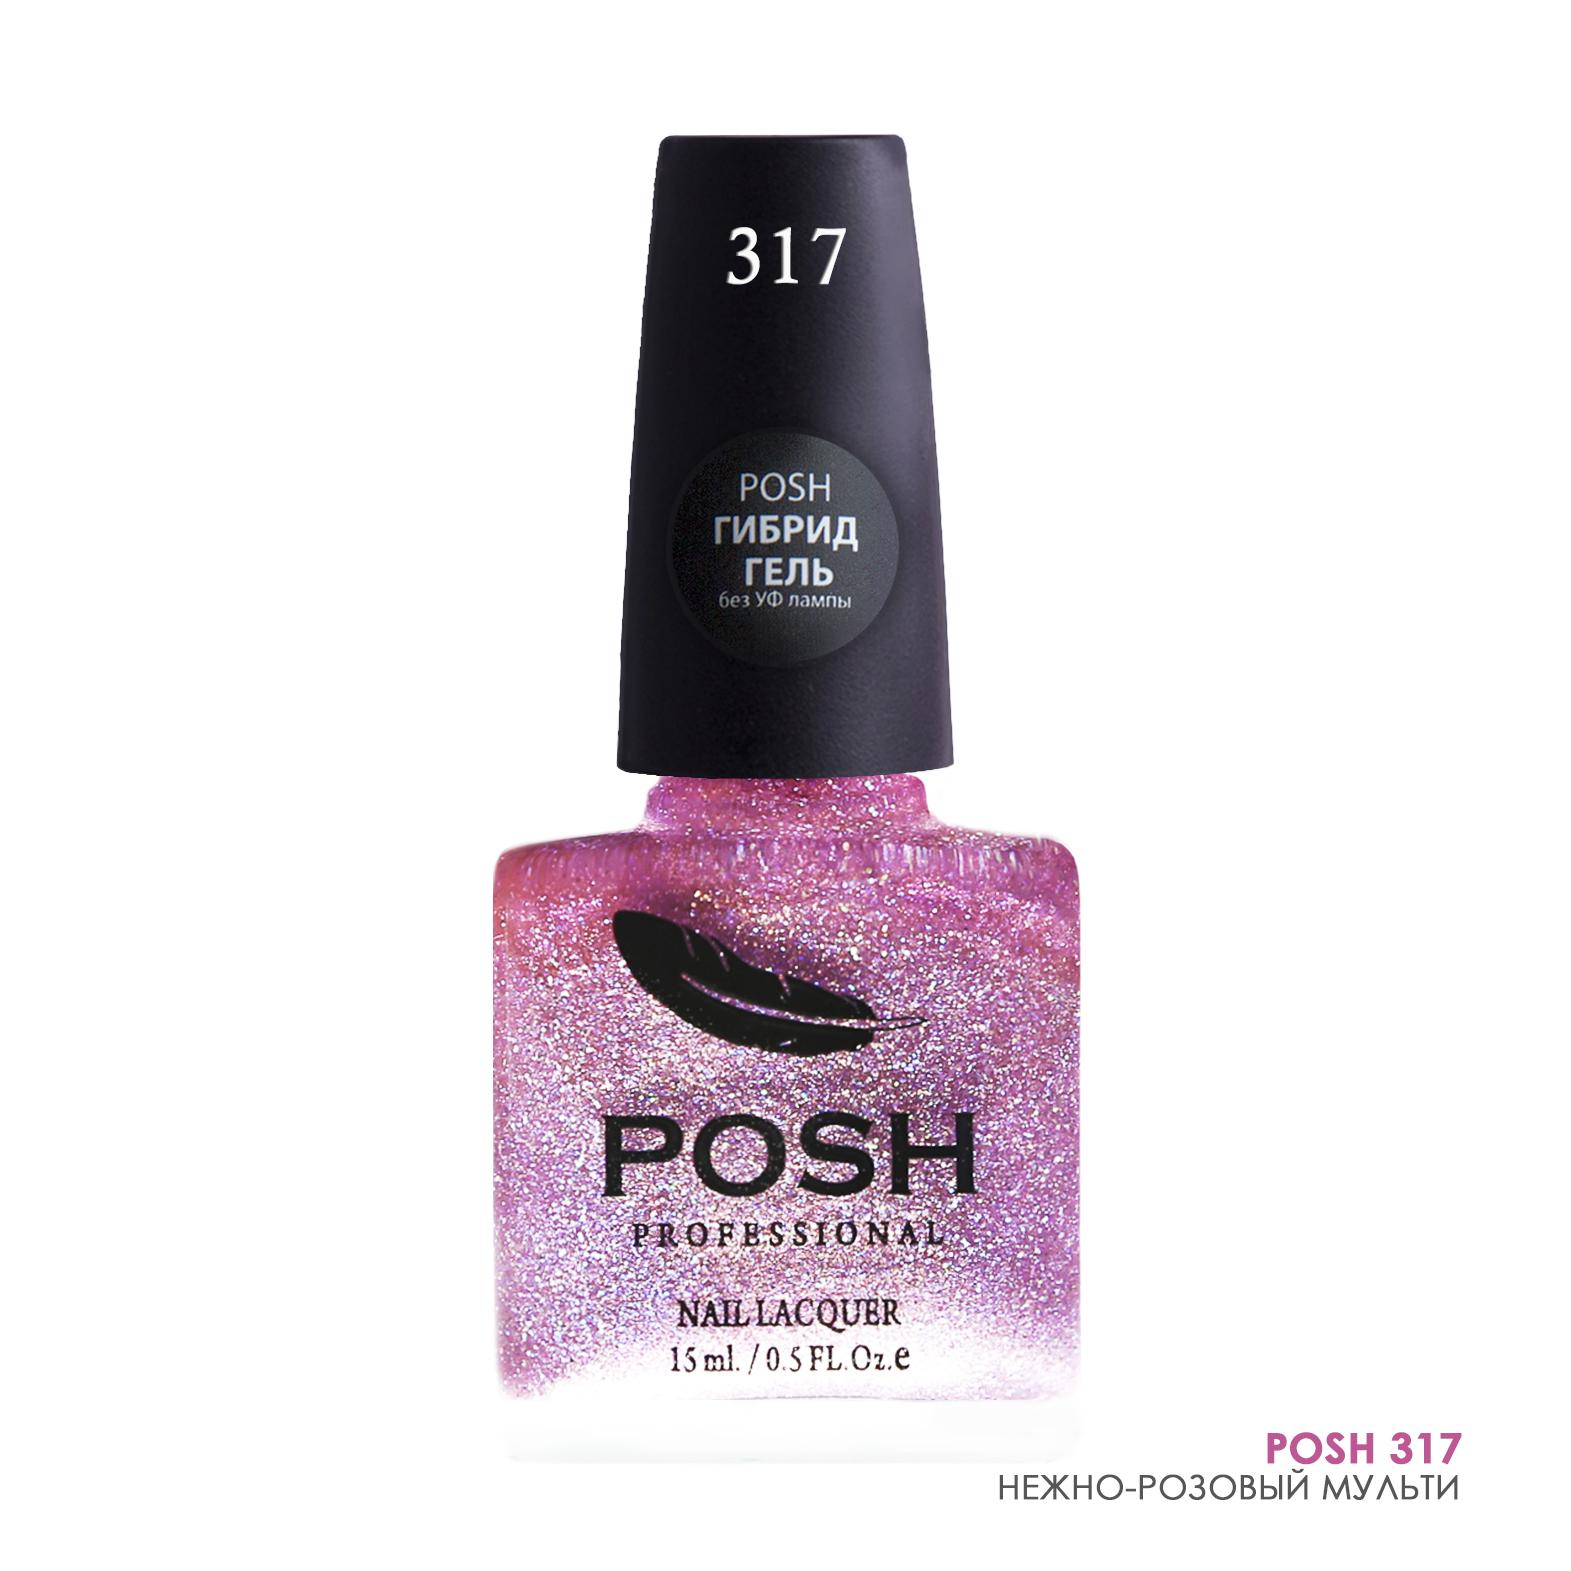 POSH 317 лак для ногтей с блестками Нежно-розовый мульти 15мл